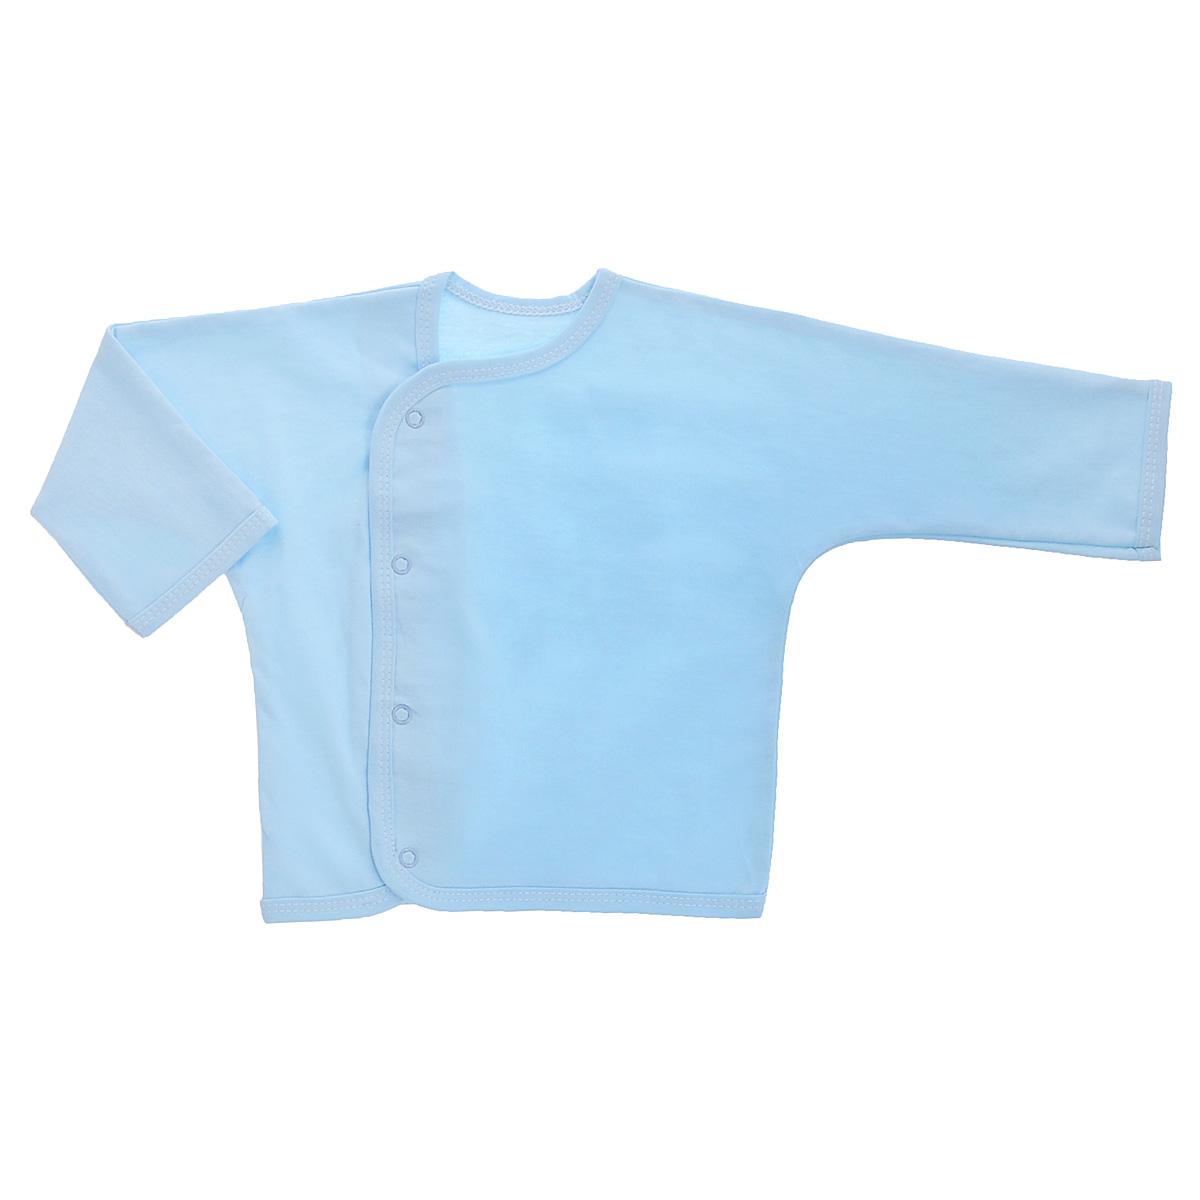 Кофточка Трон-плюс, цвет: голубой. 5153. Размер 80, 12 месяцев комбинезон детский трон плюс цвет белый голубой 5815 горох размер 80 12 месяцев